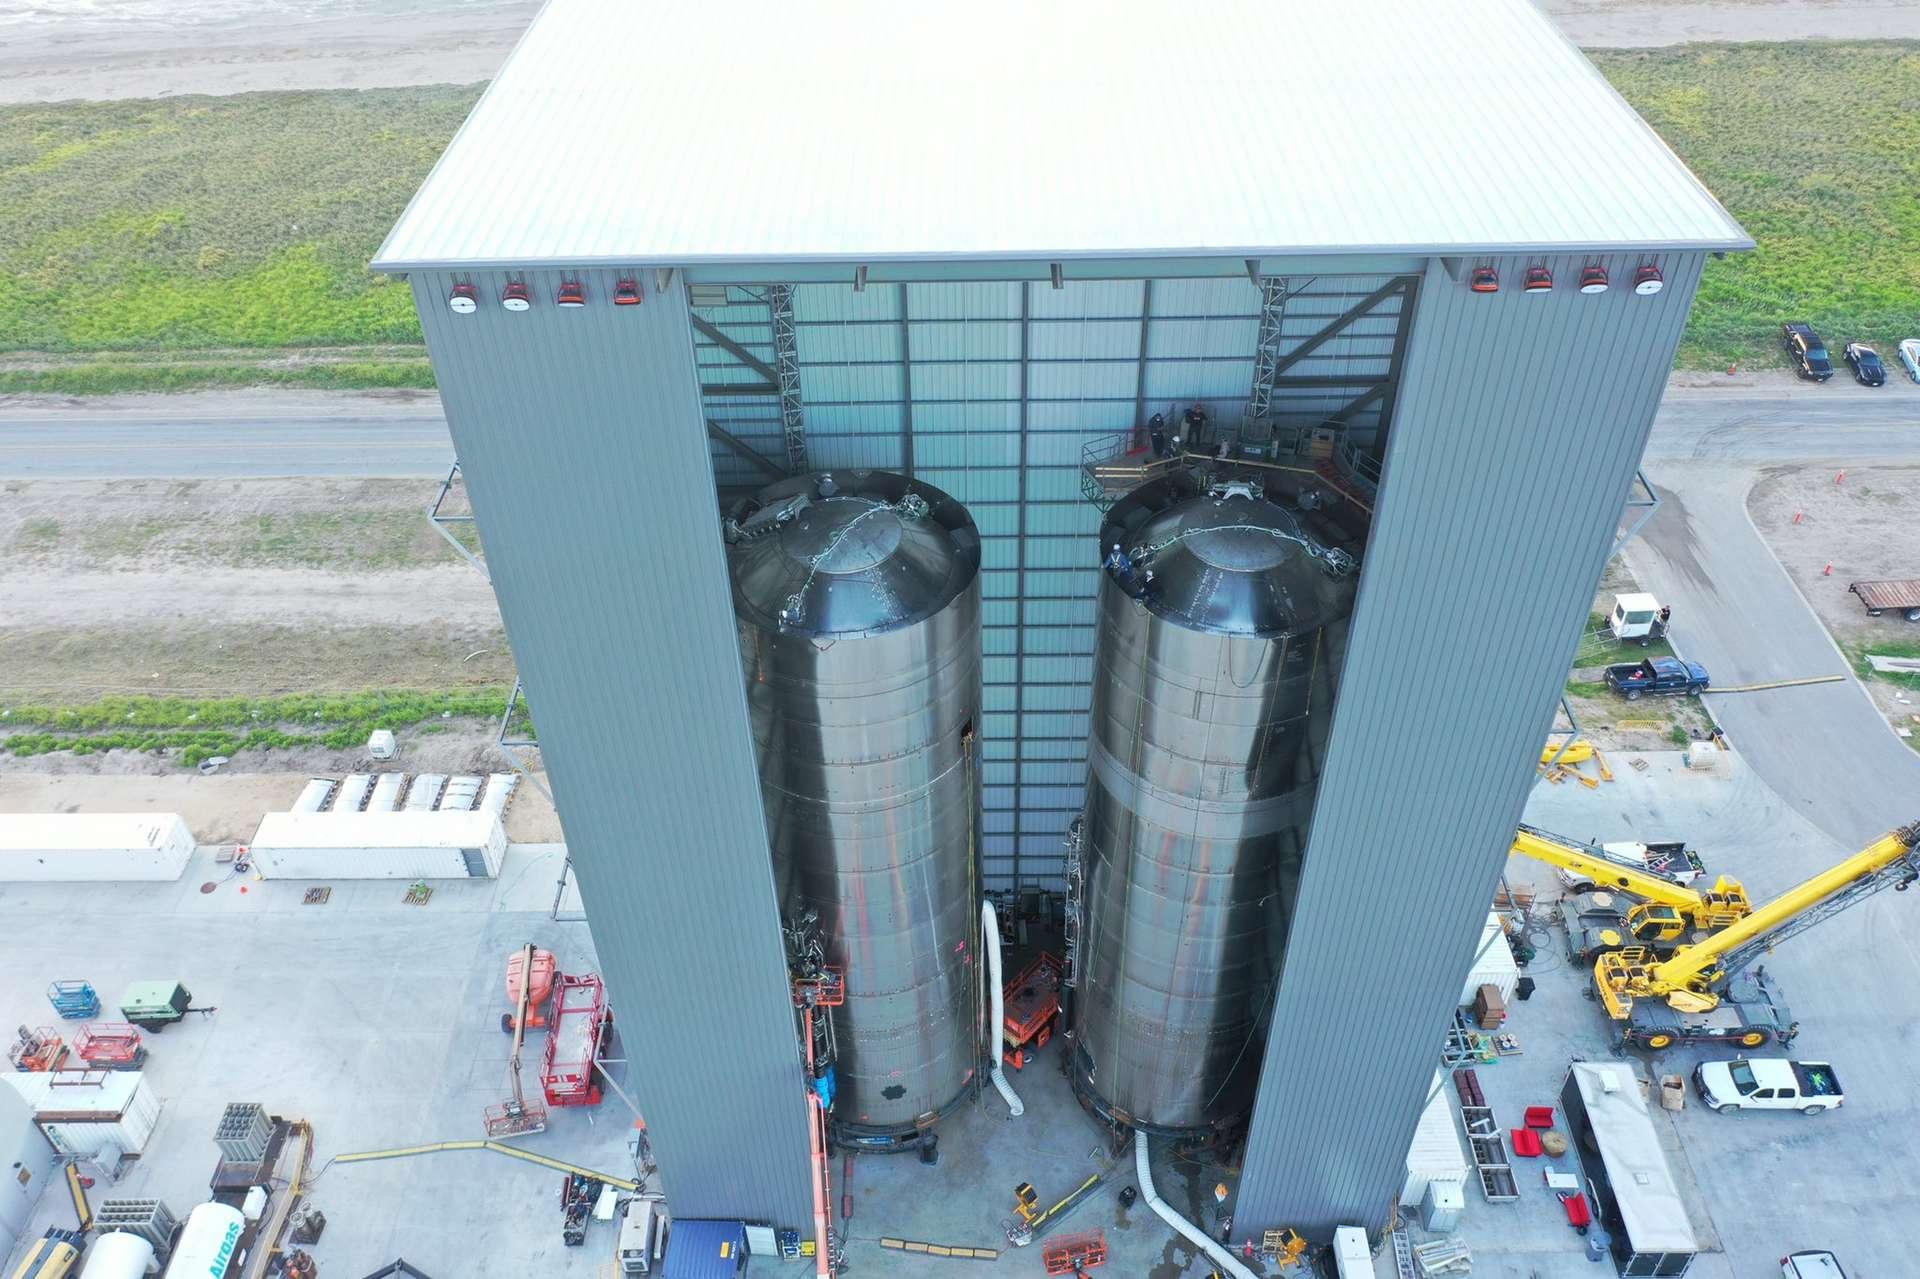 Deux réservoirs de prototype SN du démonstrateur du Starship sur la base de lancement de Boca Chica de SpaceX, au Texas. © SpaceX, Elon Musk